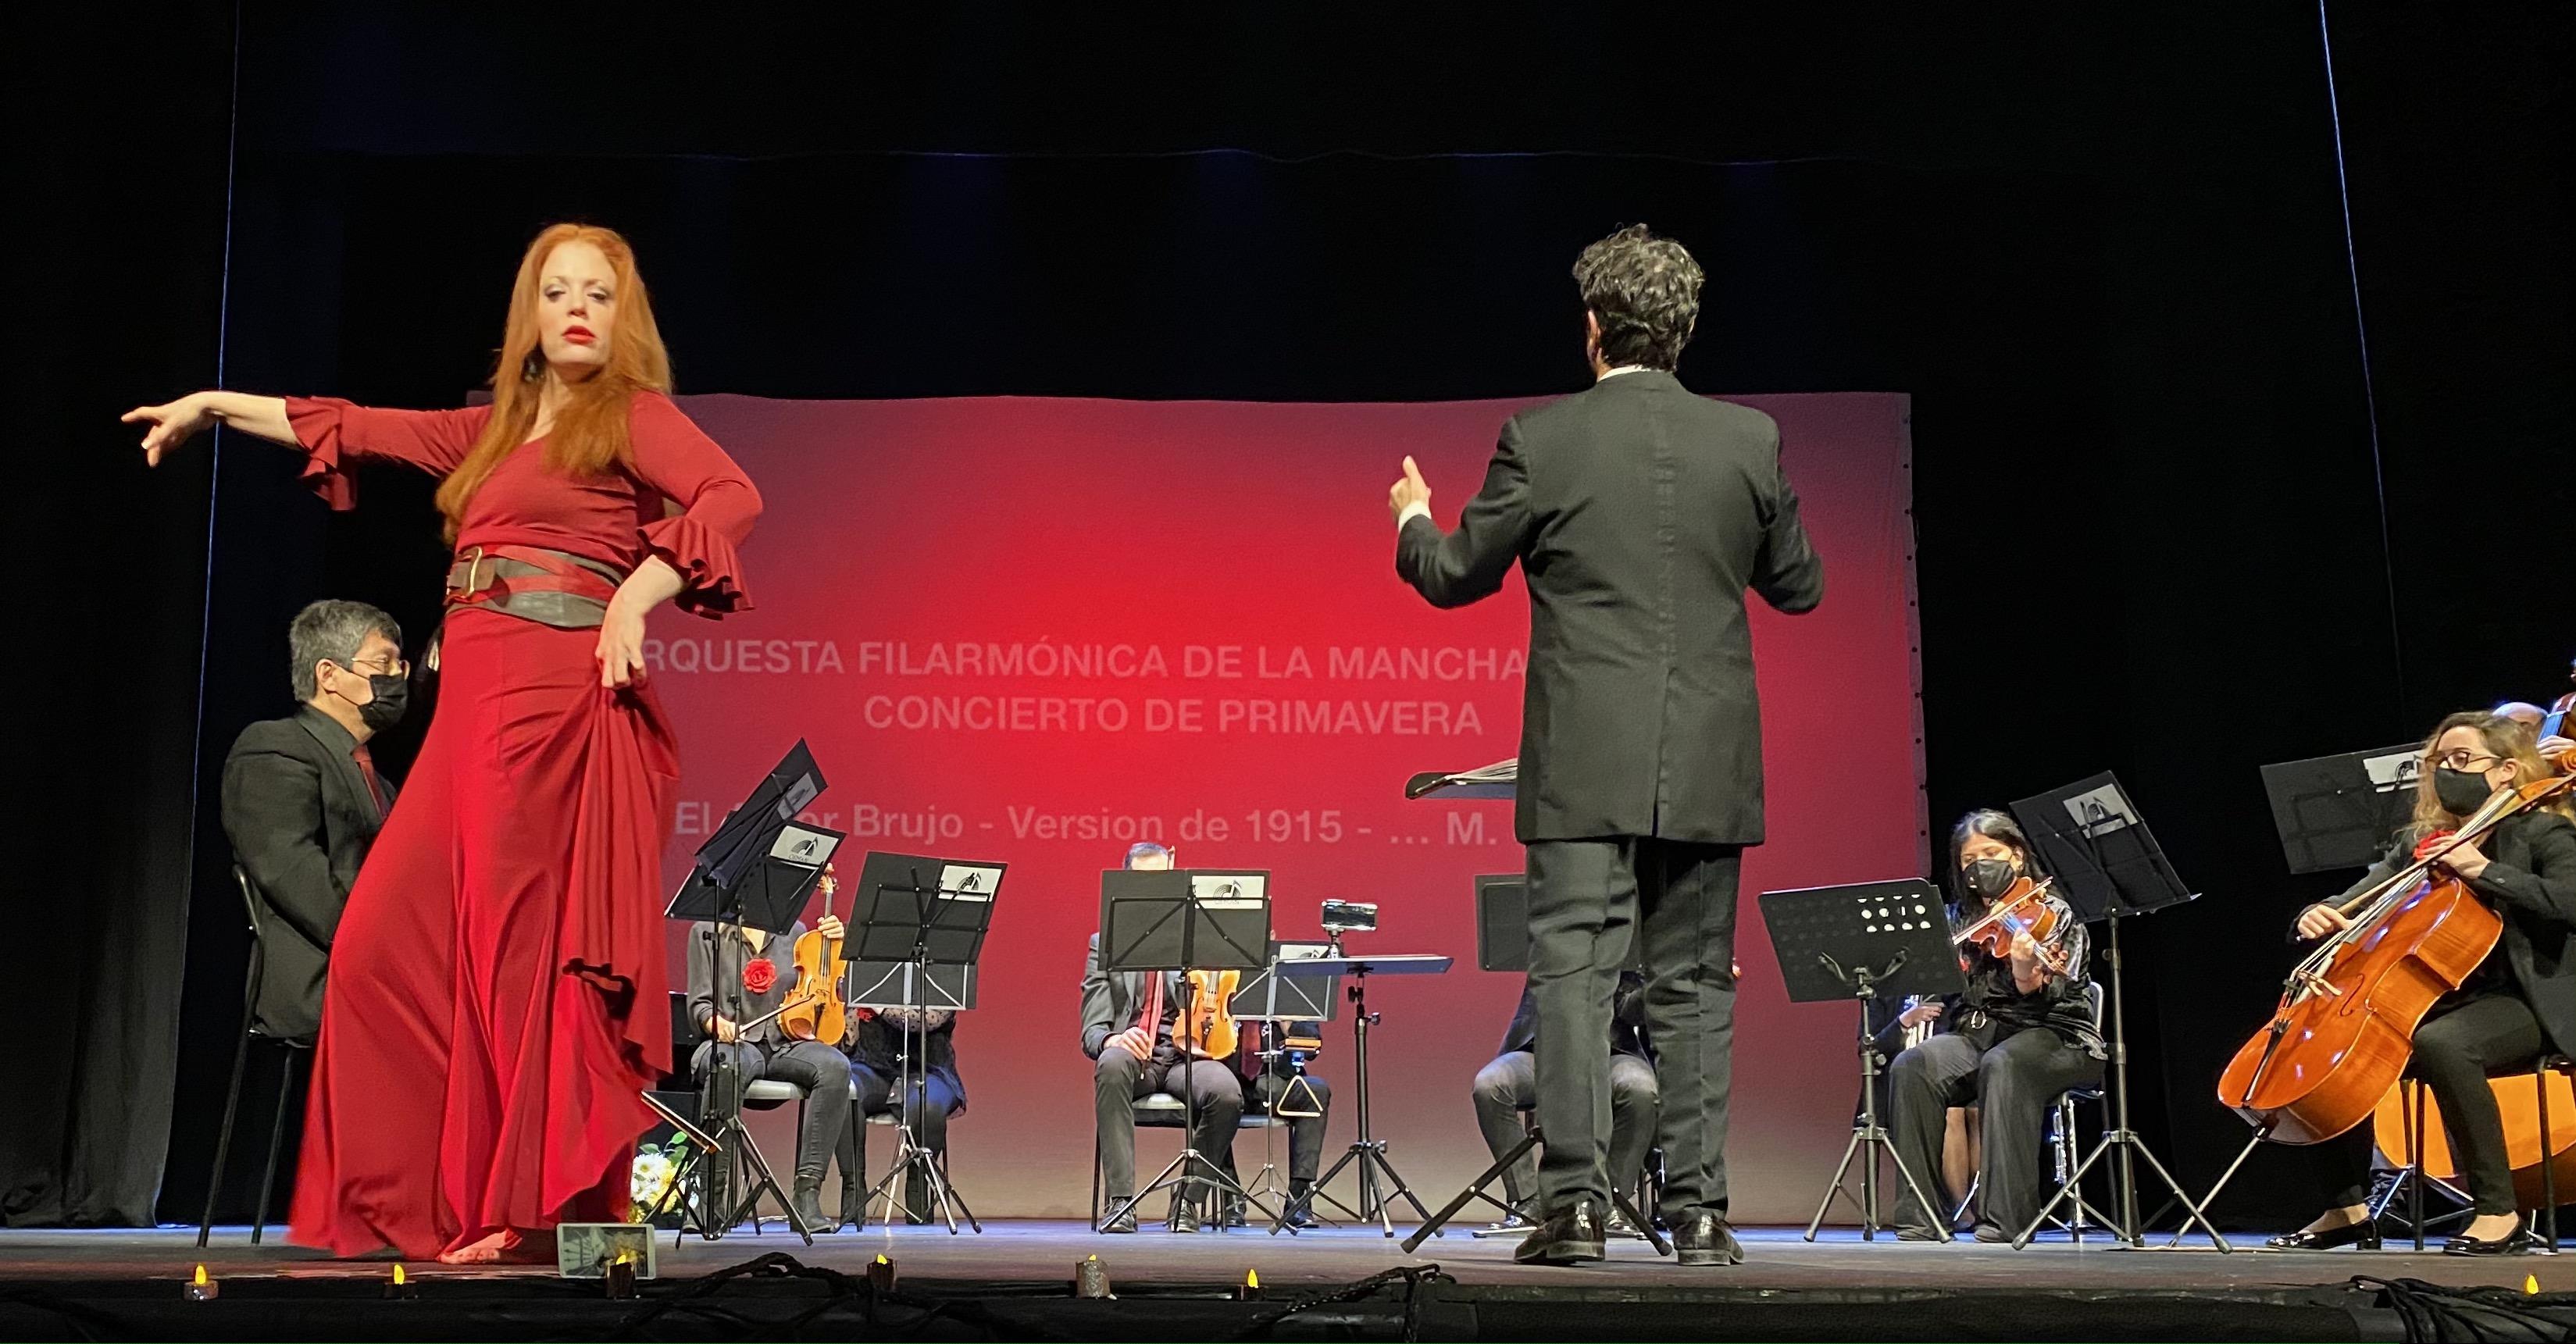 El Amor Brujo para recibir la primavera en Aranjuez